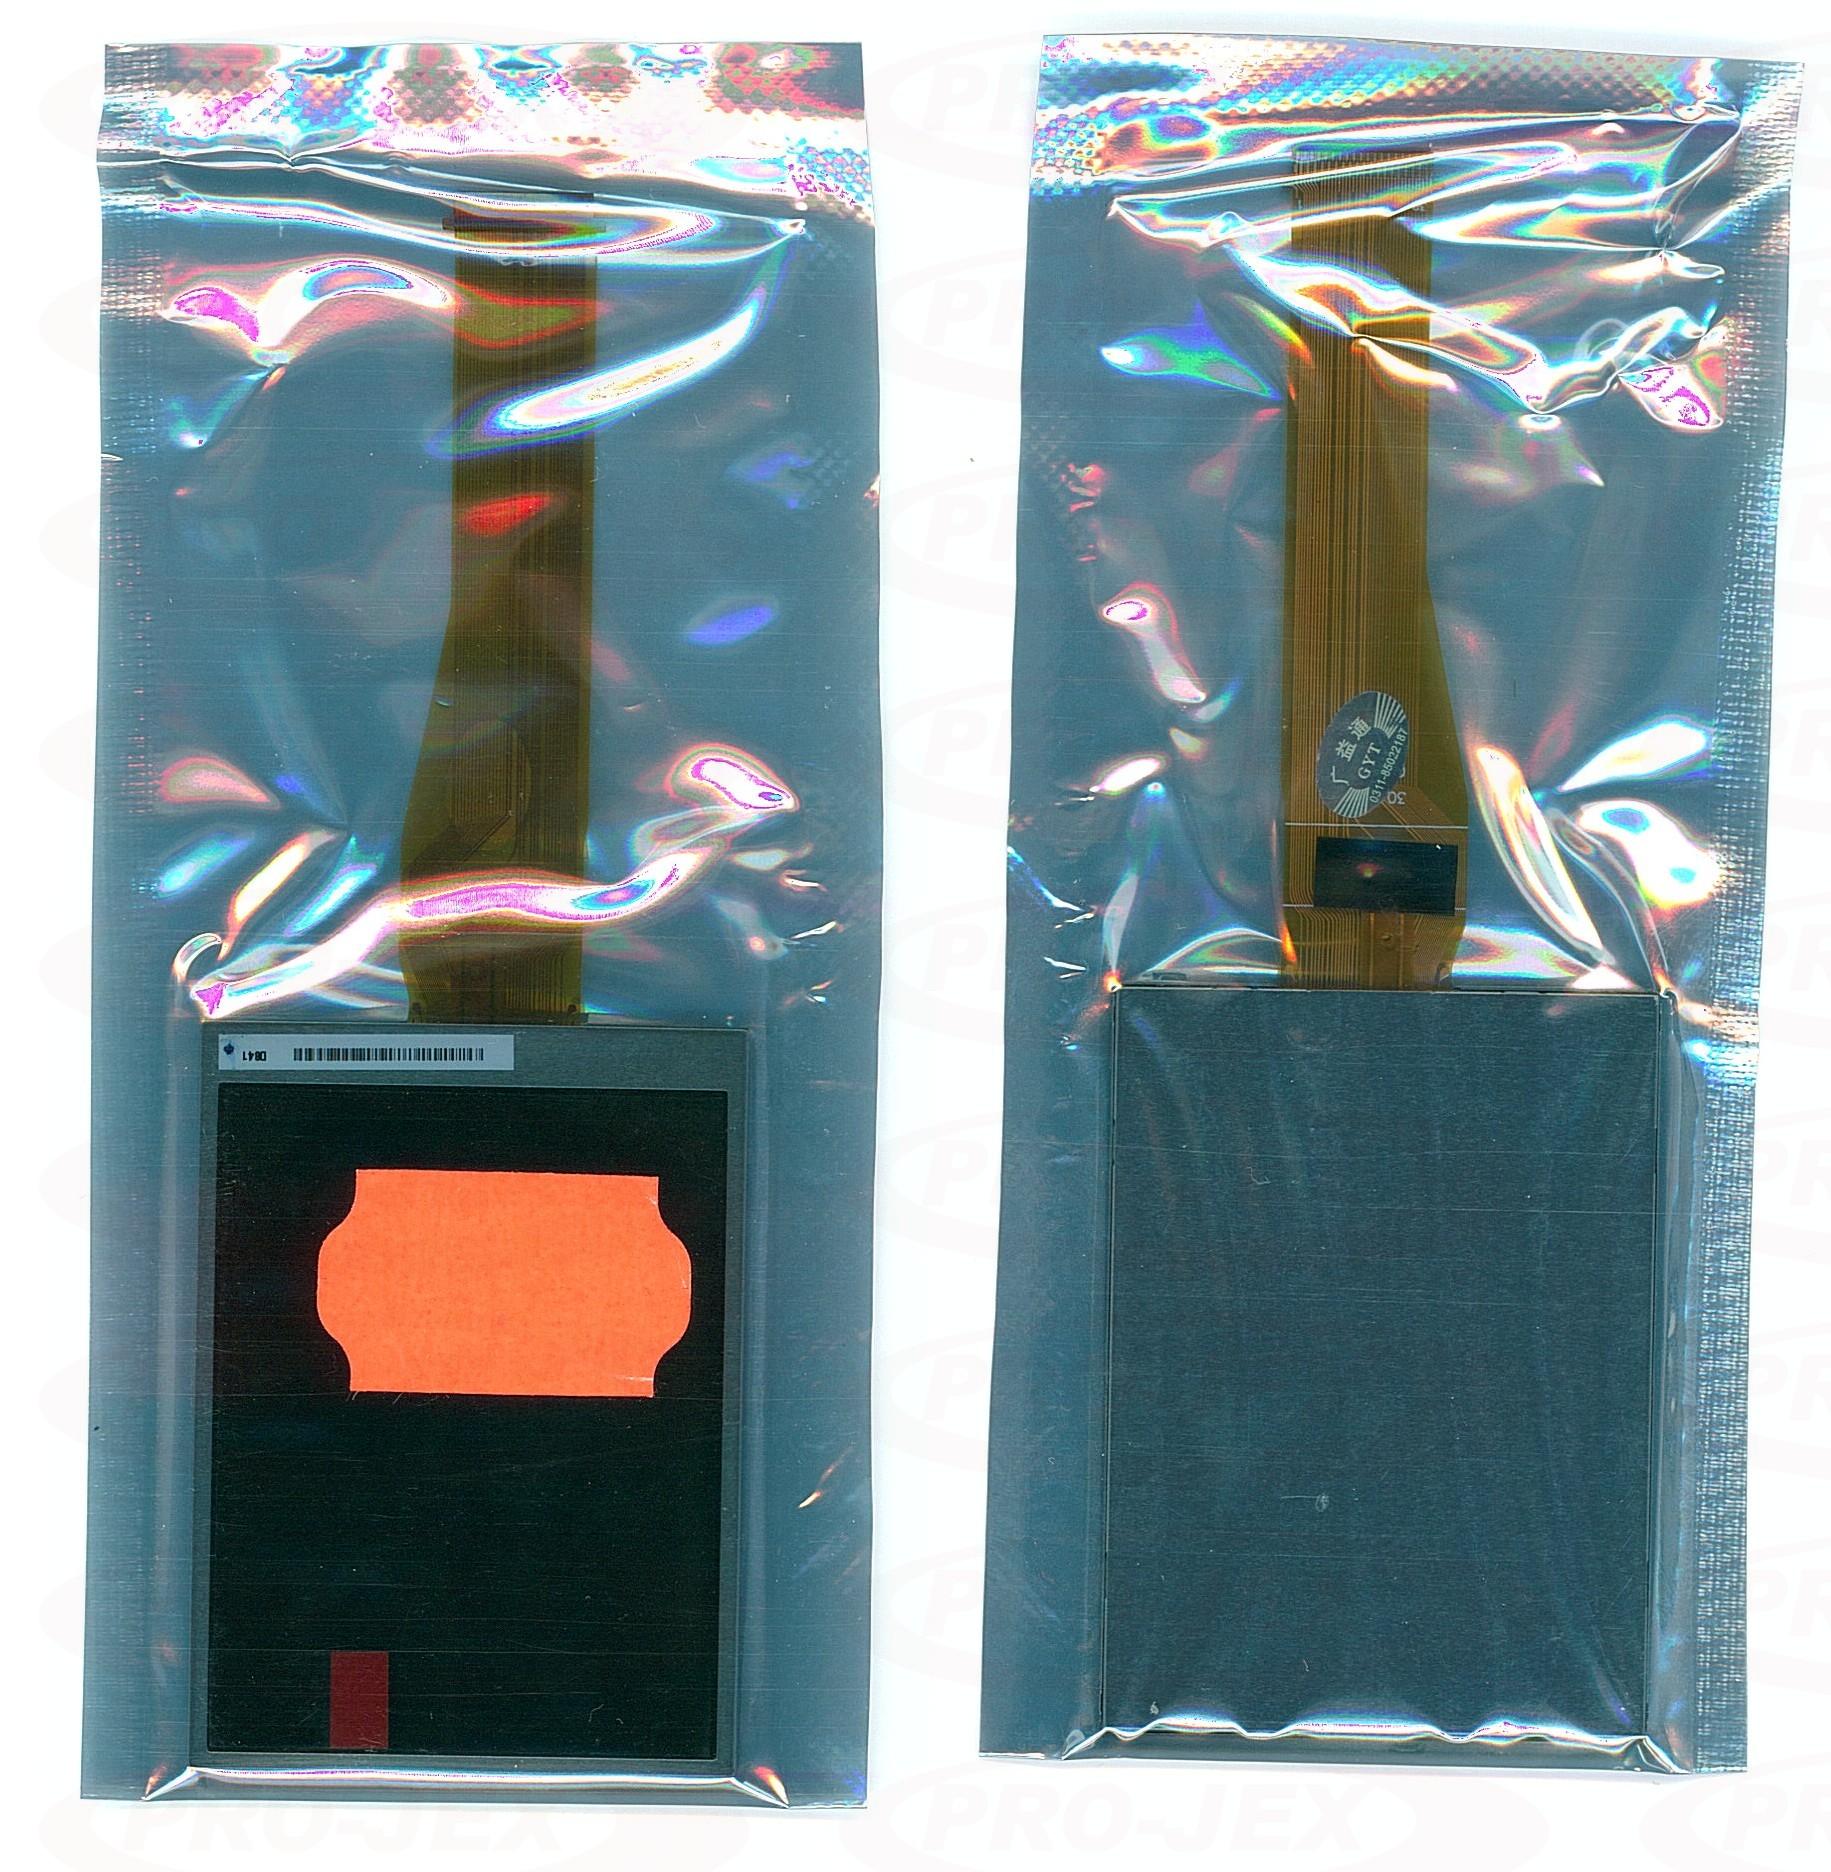 LCD Samsung ST45 TL90